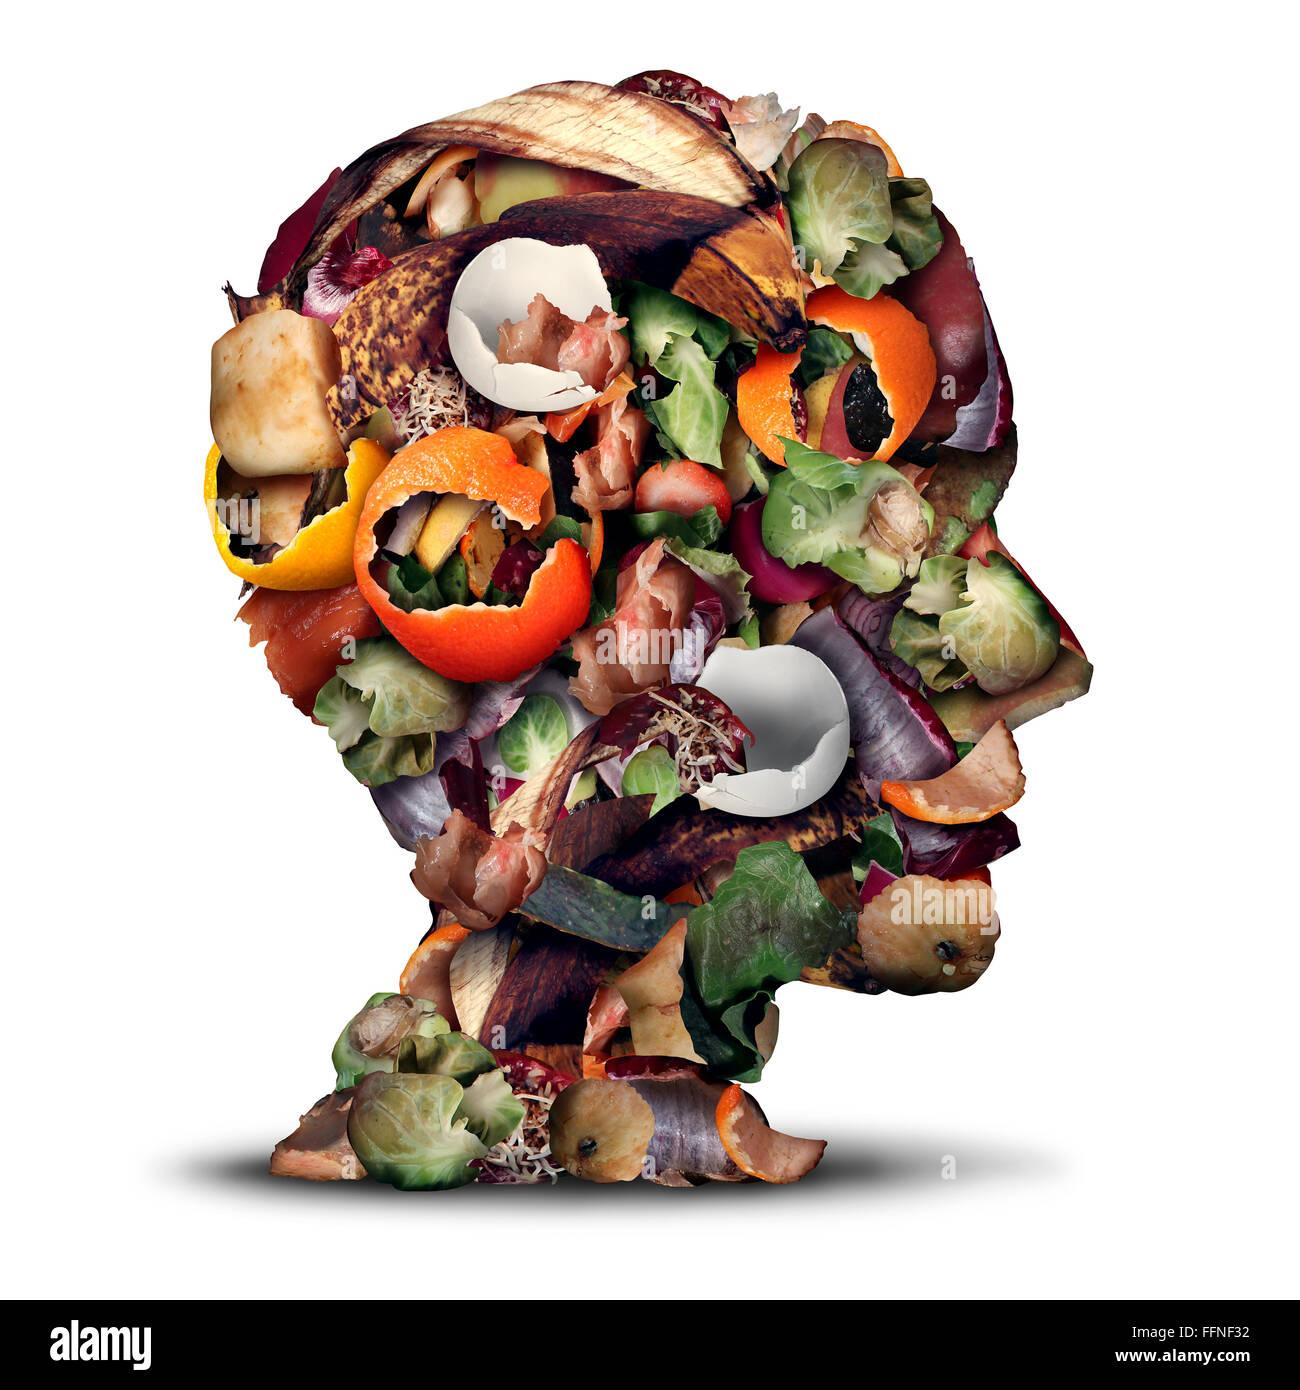 Kompost, denken und Kompostierung Konzept als ein Haufen von Fäulnis ...